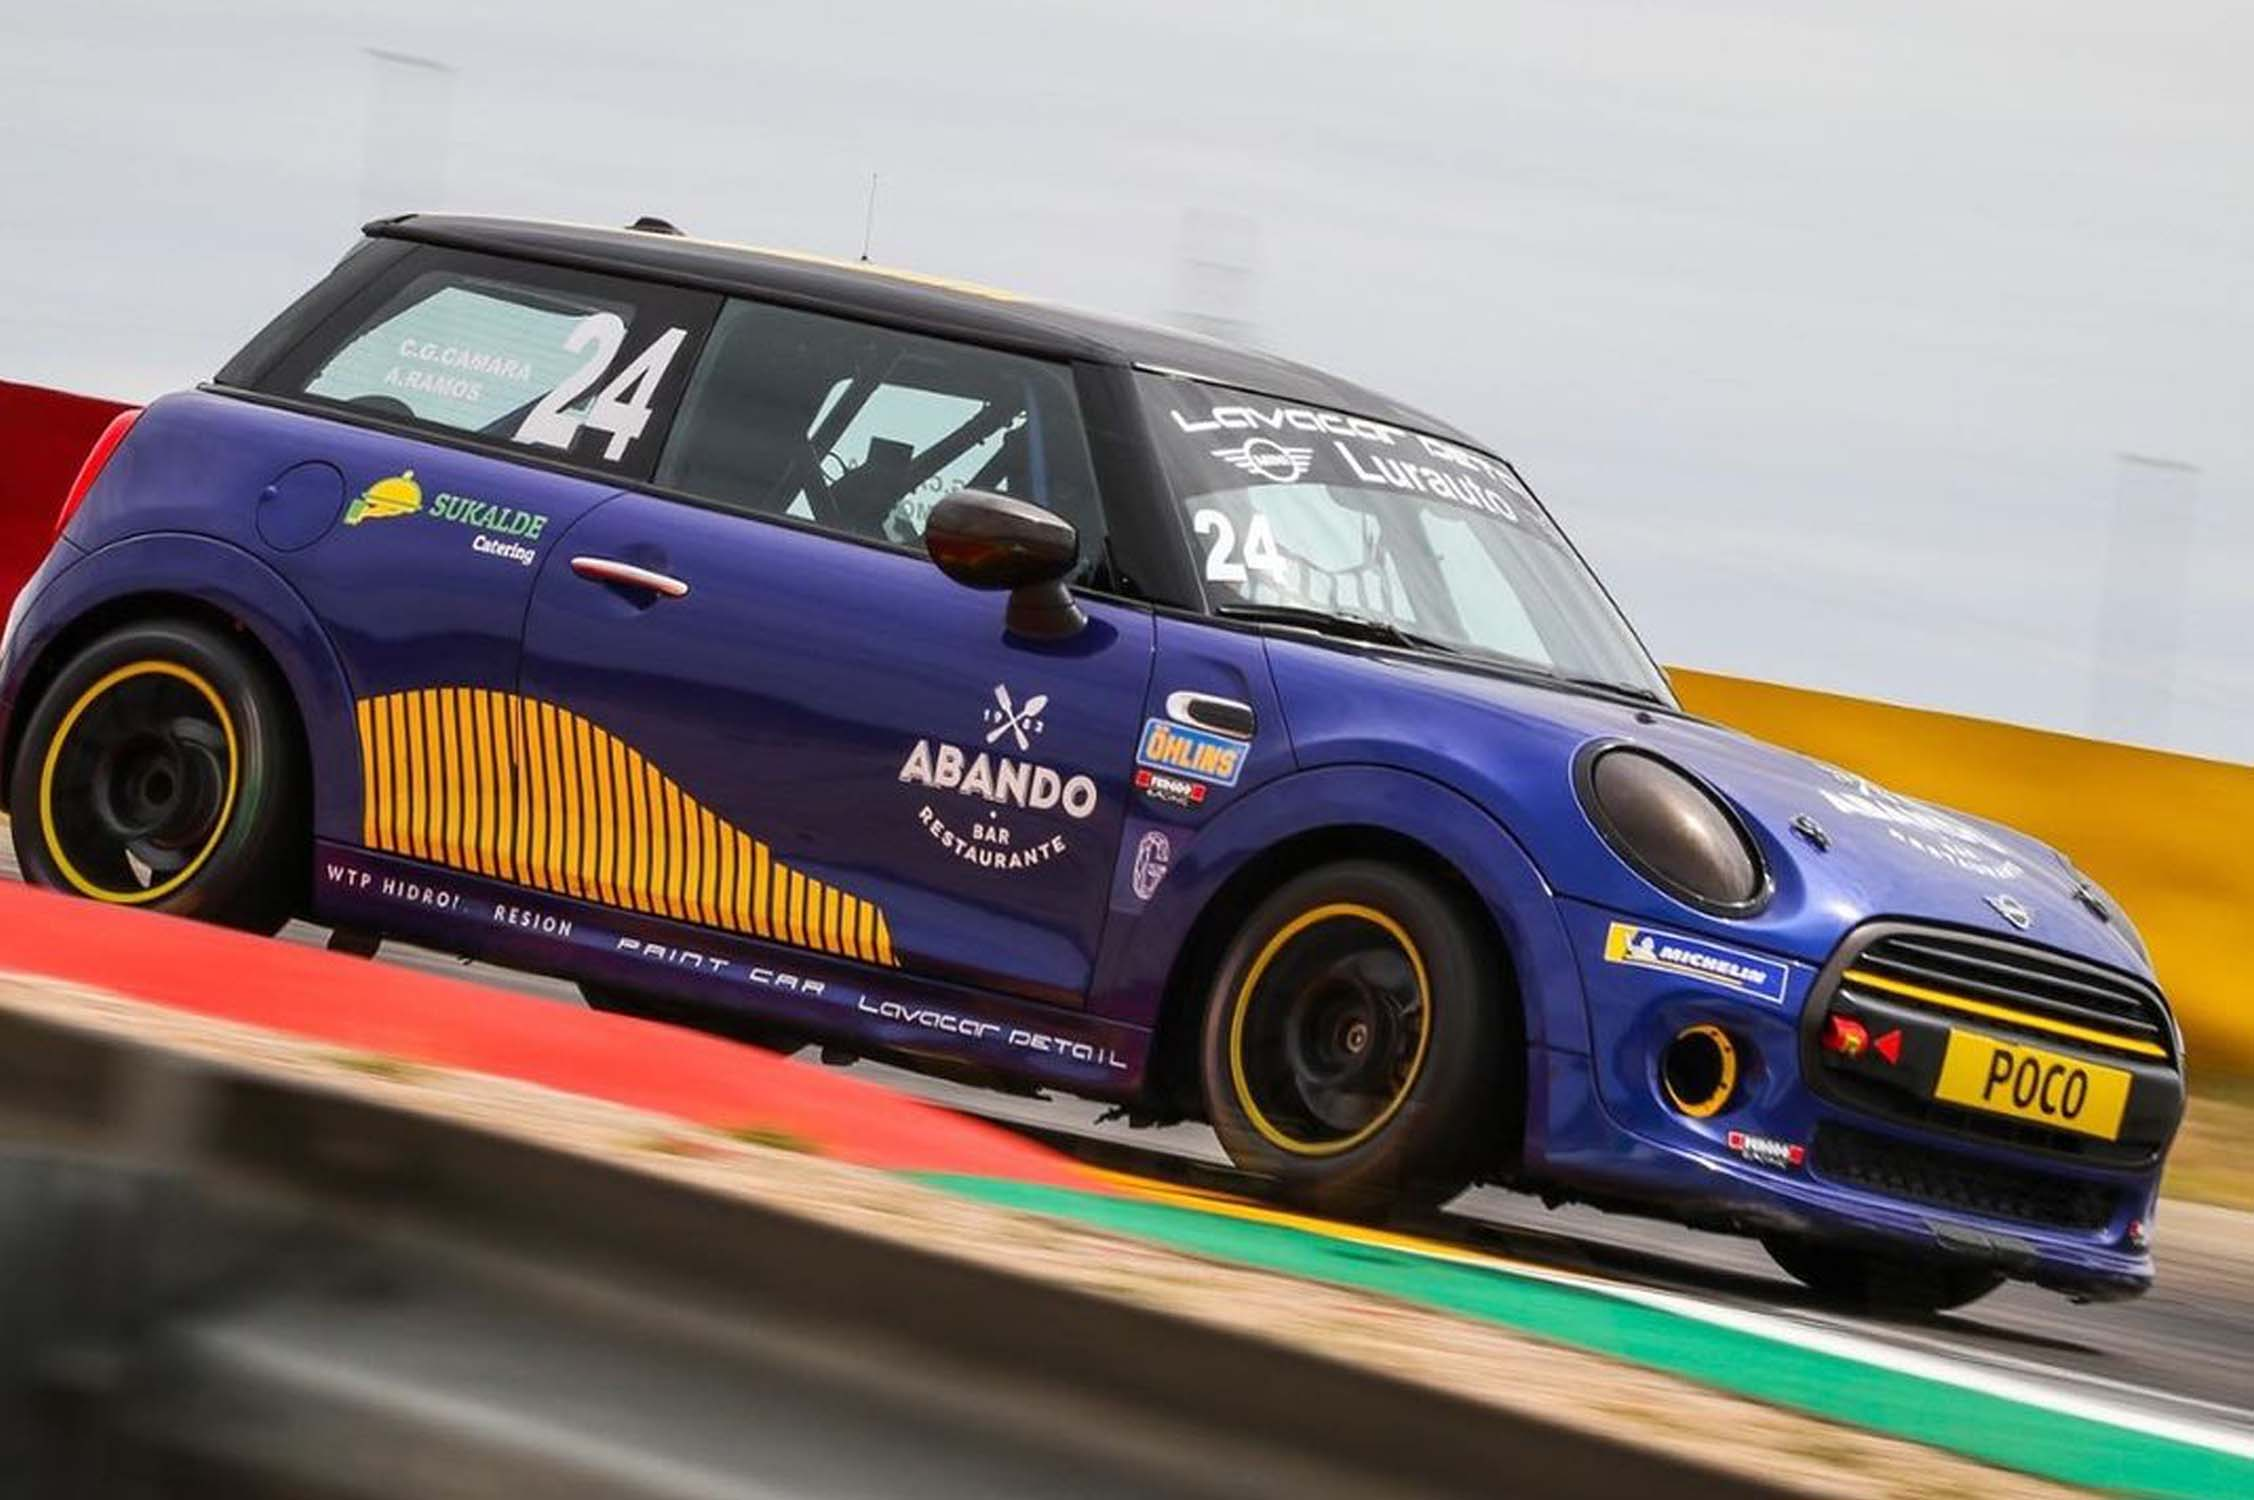 Última cita de la Copa Cooper, con resultados excelentes para los equipos gestionados por Lurauto Motorsport